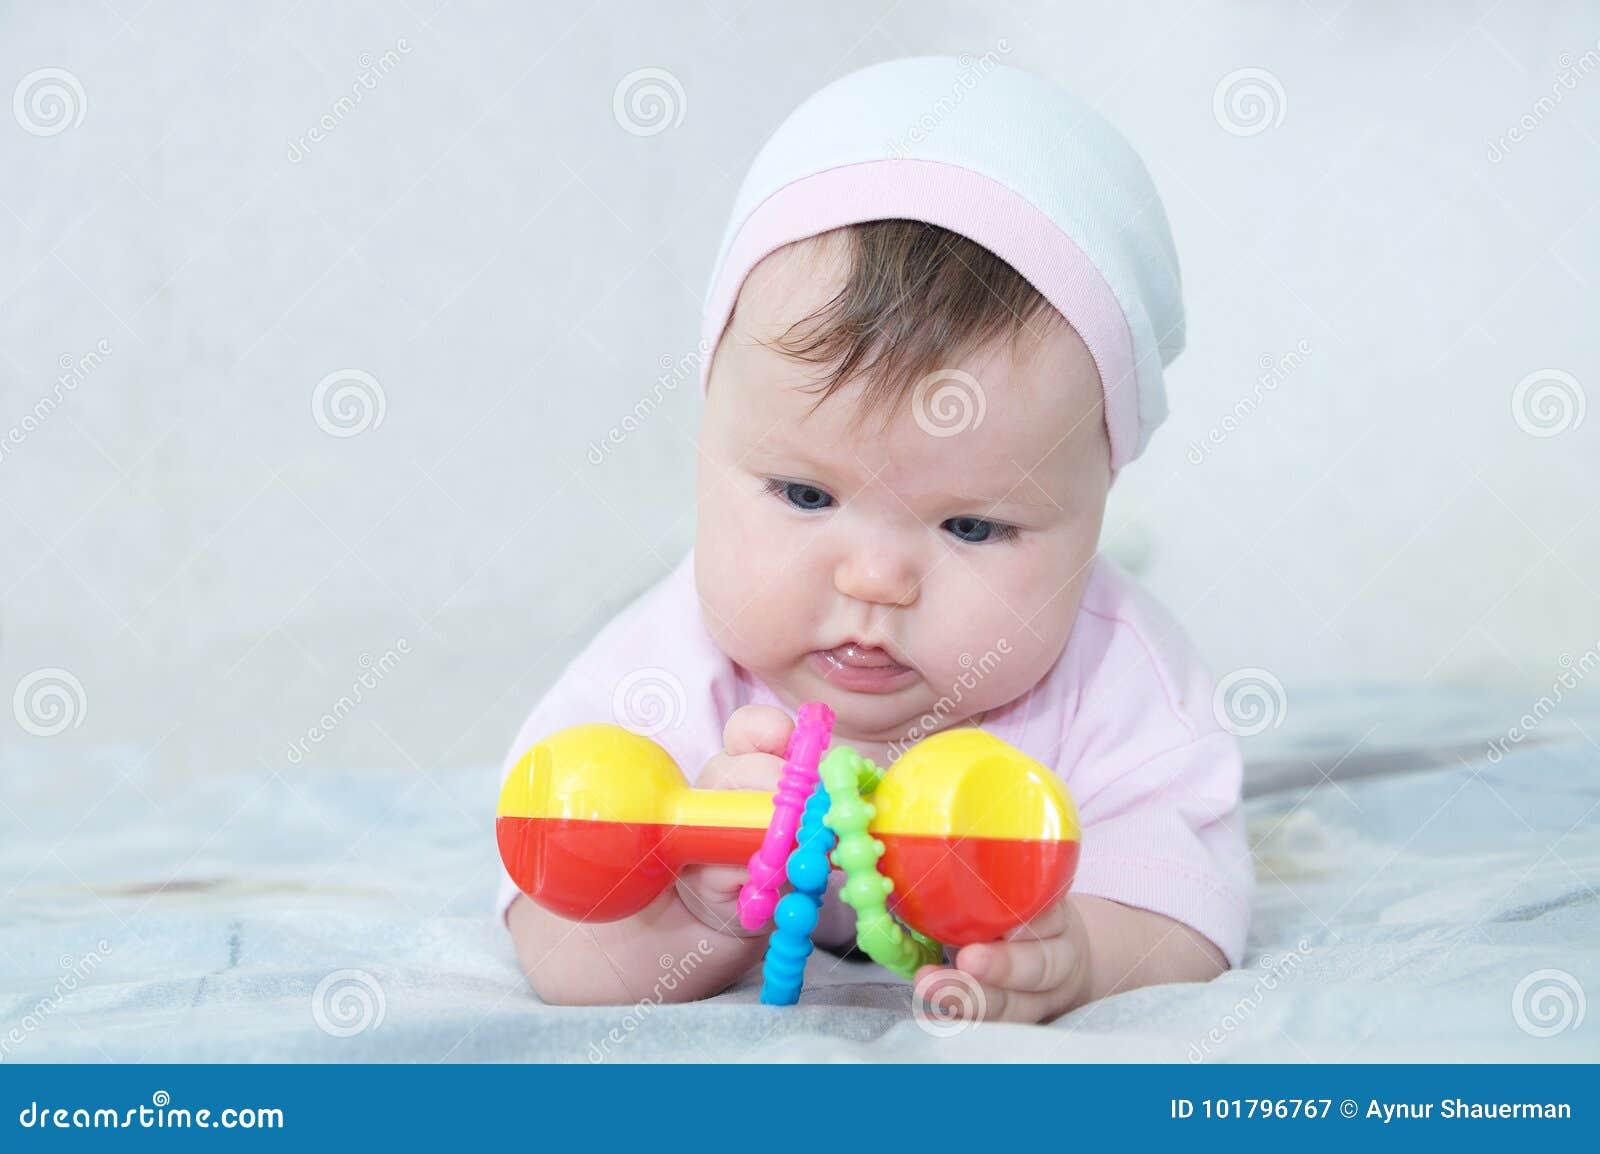 Tidiga Brain Development koncentrerat behandla som ett barn lite flickan som spelar med pladder